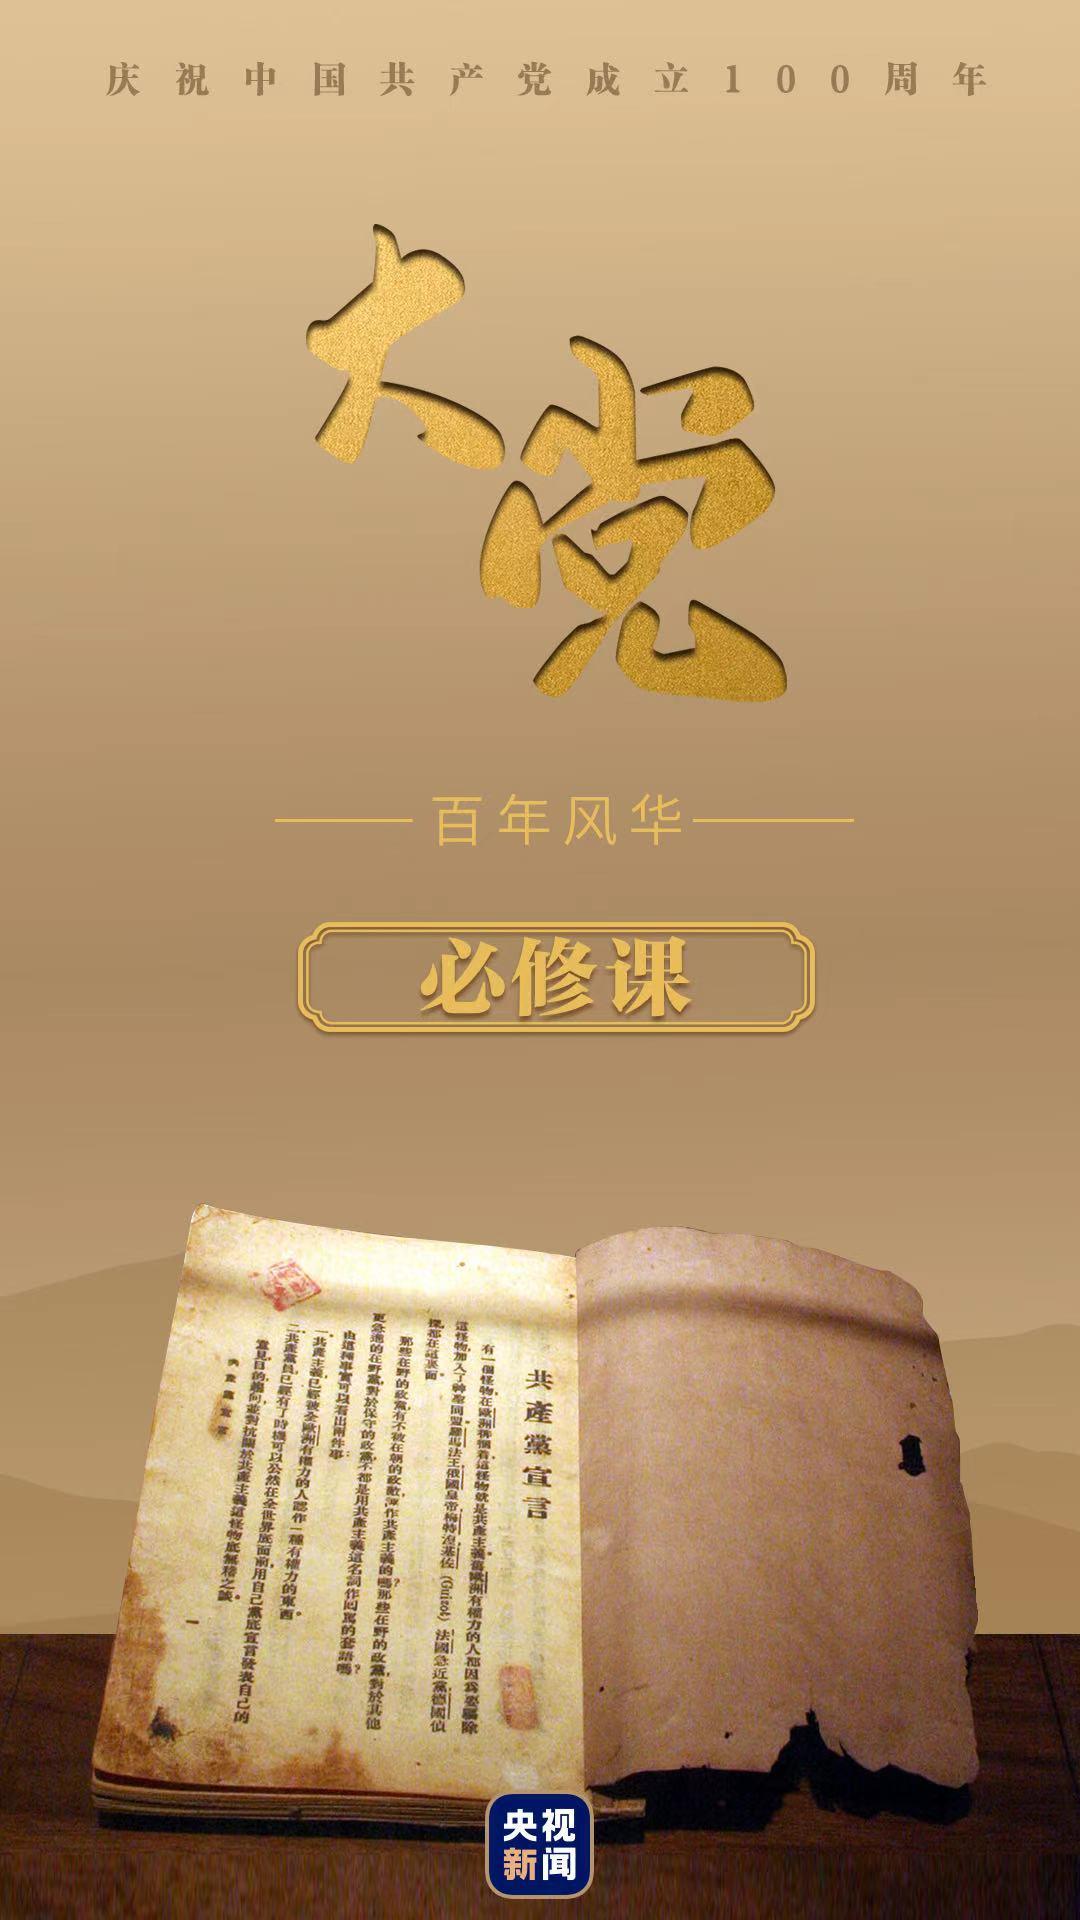 金隅夺冠_长春游戏_欧若拉汽车清凉罩多少钱